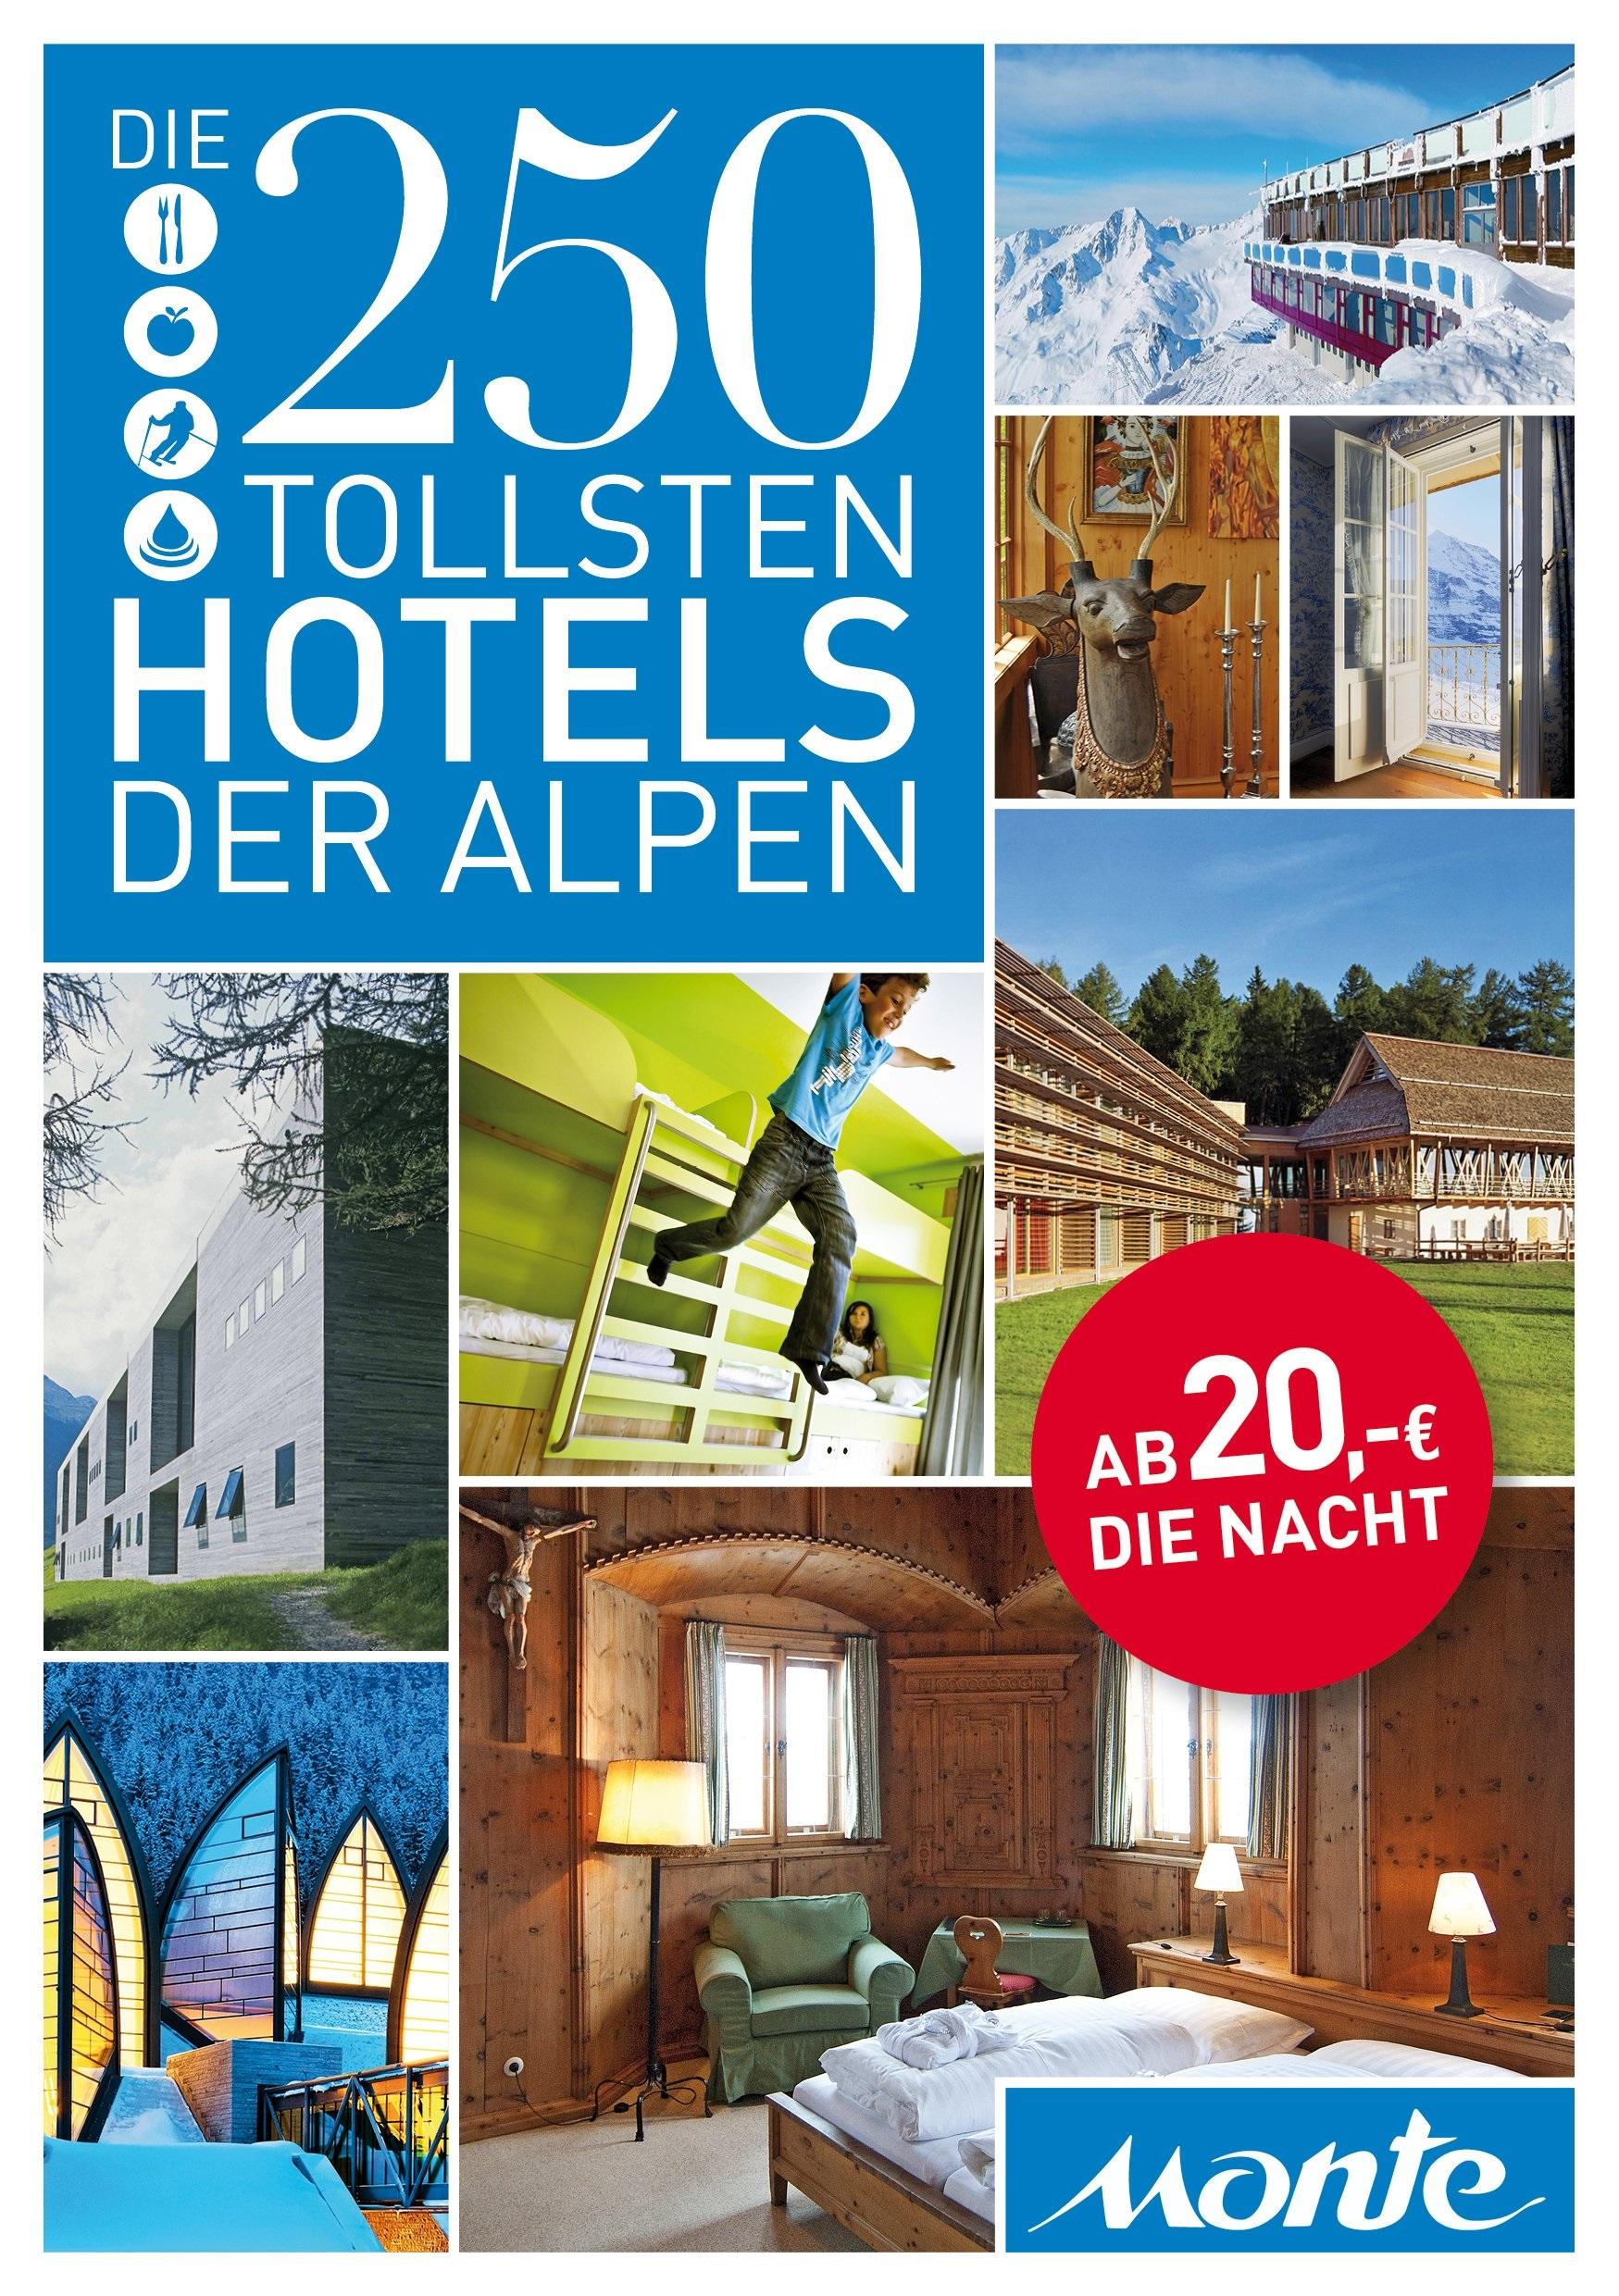 Geheimtipp – Die 250 tollsten Hotels in den Alpen